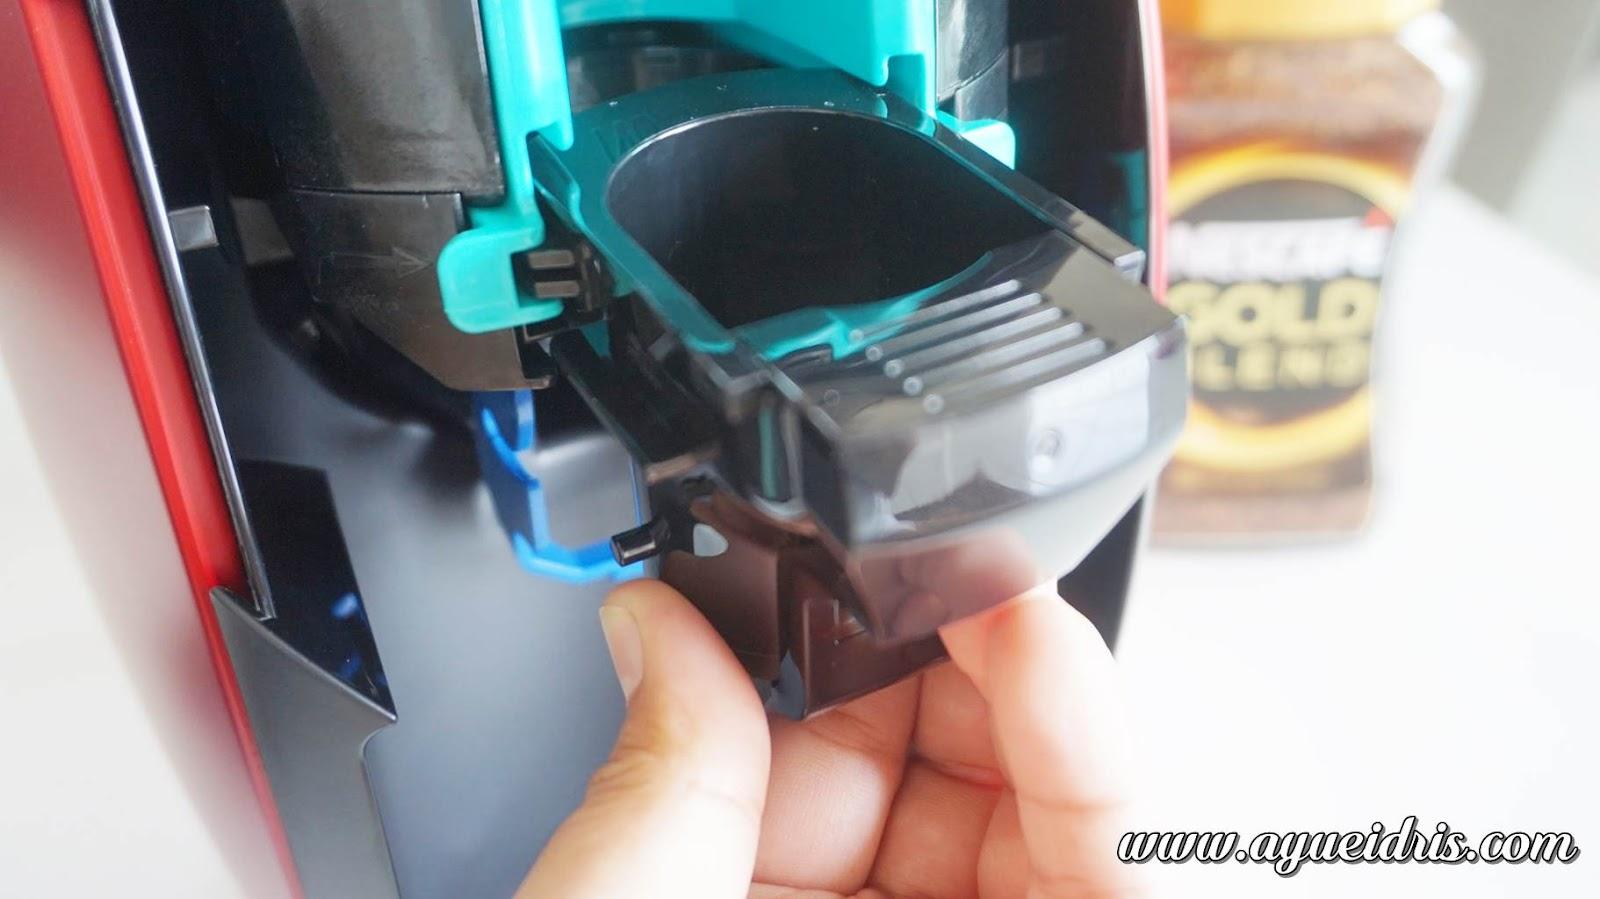 Nescafe Gold Barista Coffee Machine cara guna harga (7).JPG